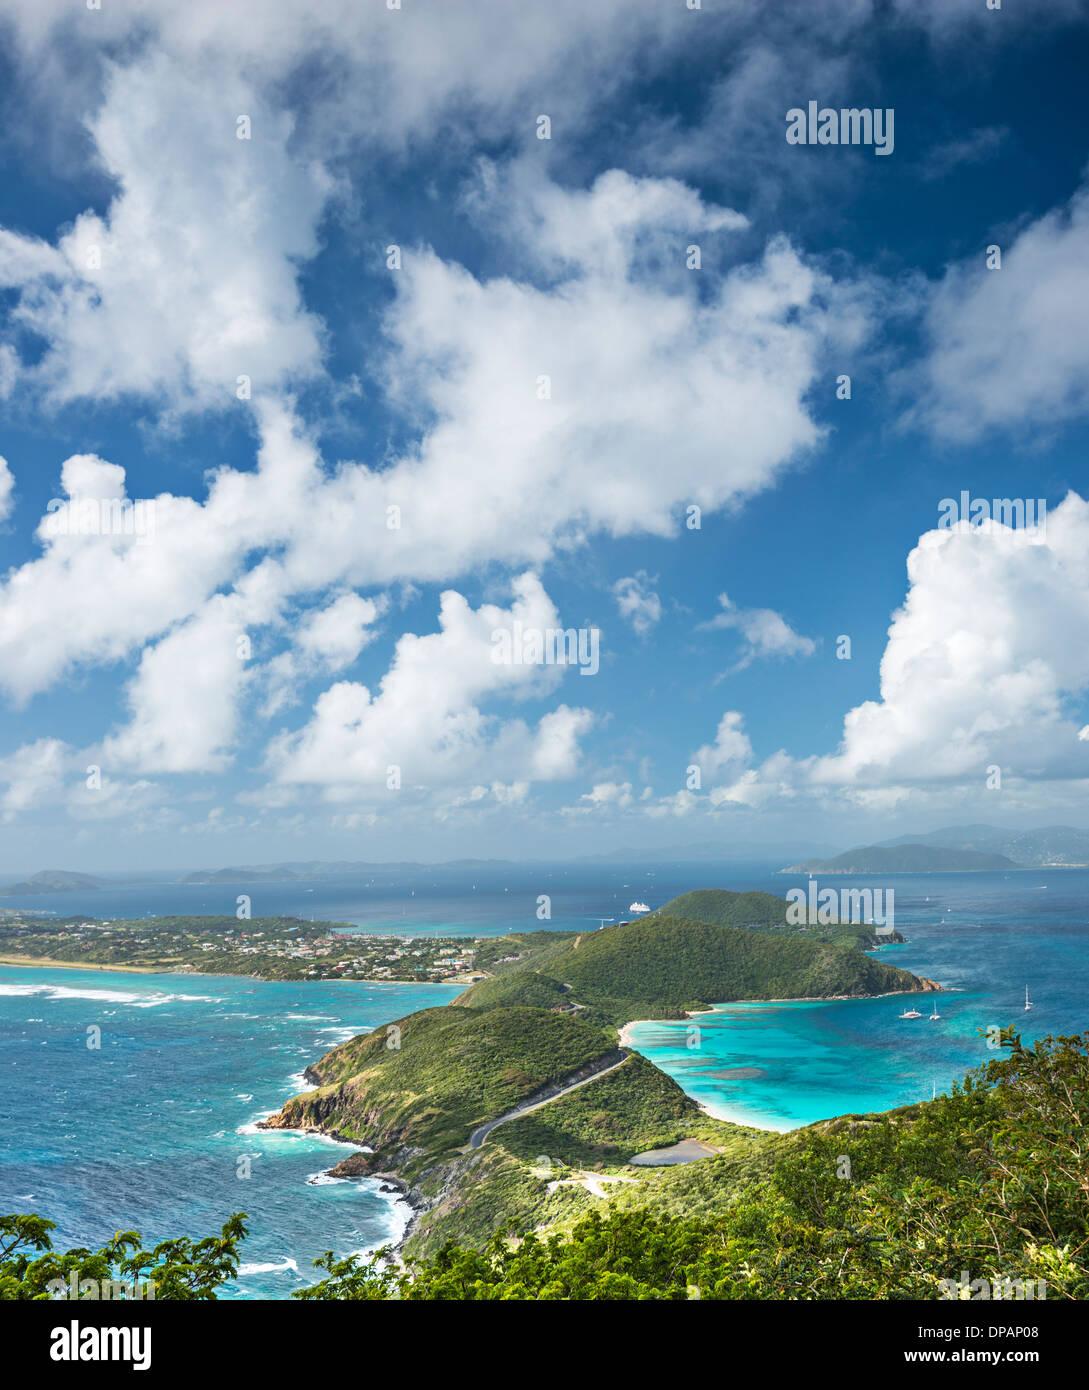 Virgin Gorda , Îles Vierges britanniques dans les Caraïbes. Photo Stock